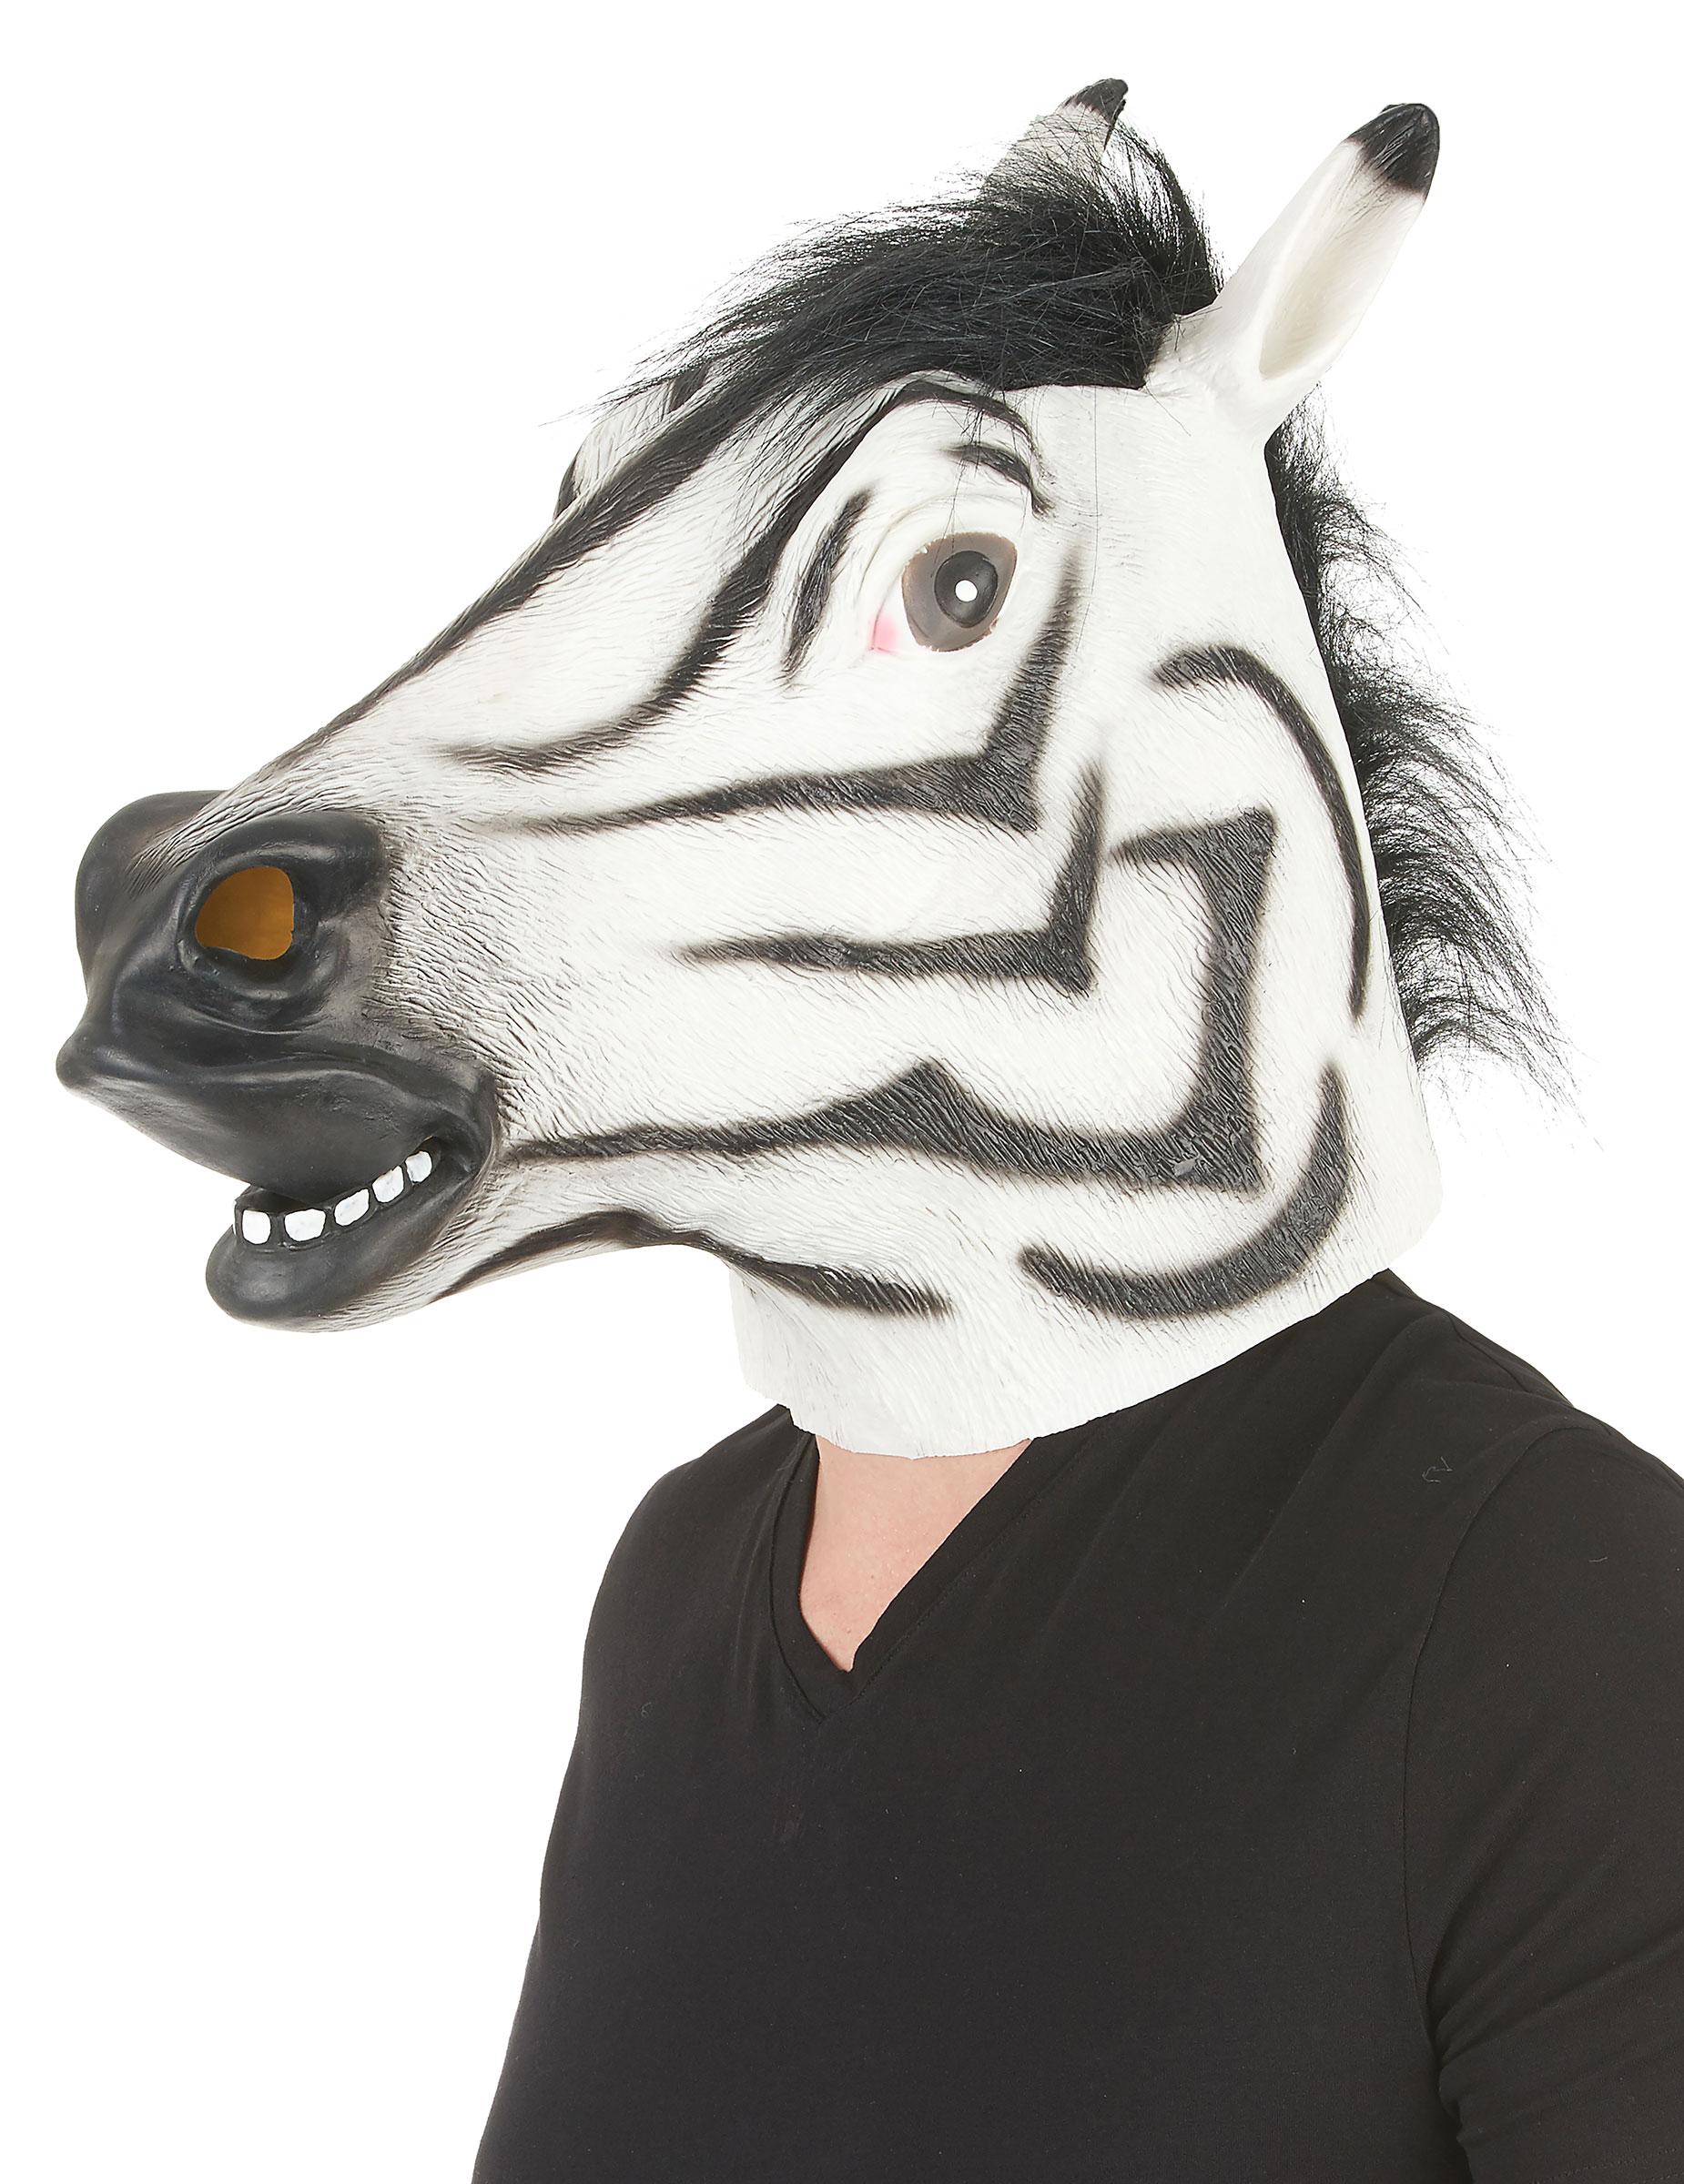 Großzügig Zebramaskenschablone Bilder - Entry Level Resume Vorlagen ...